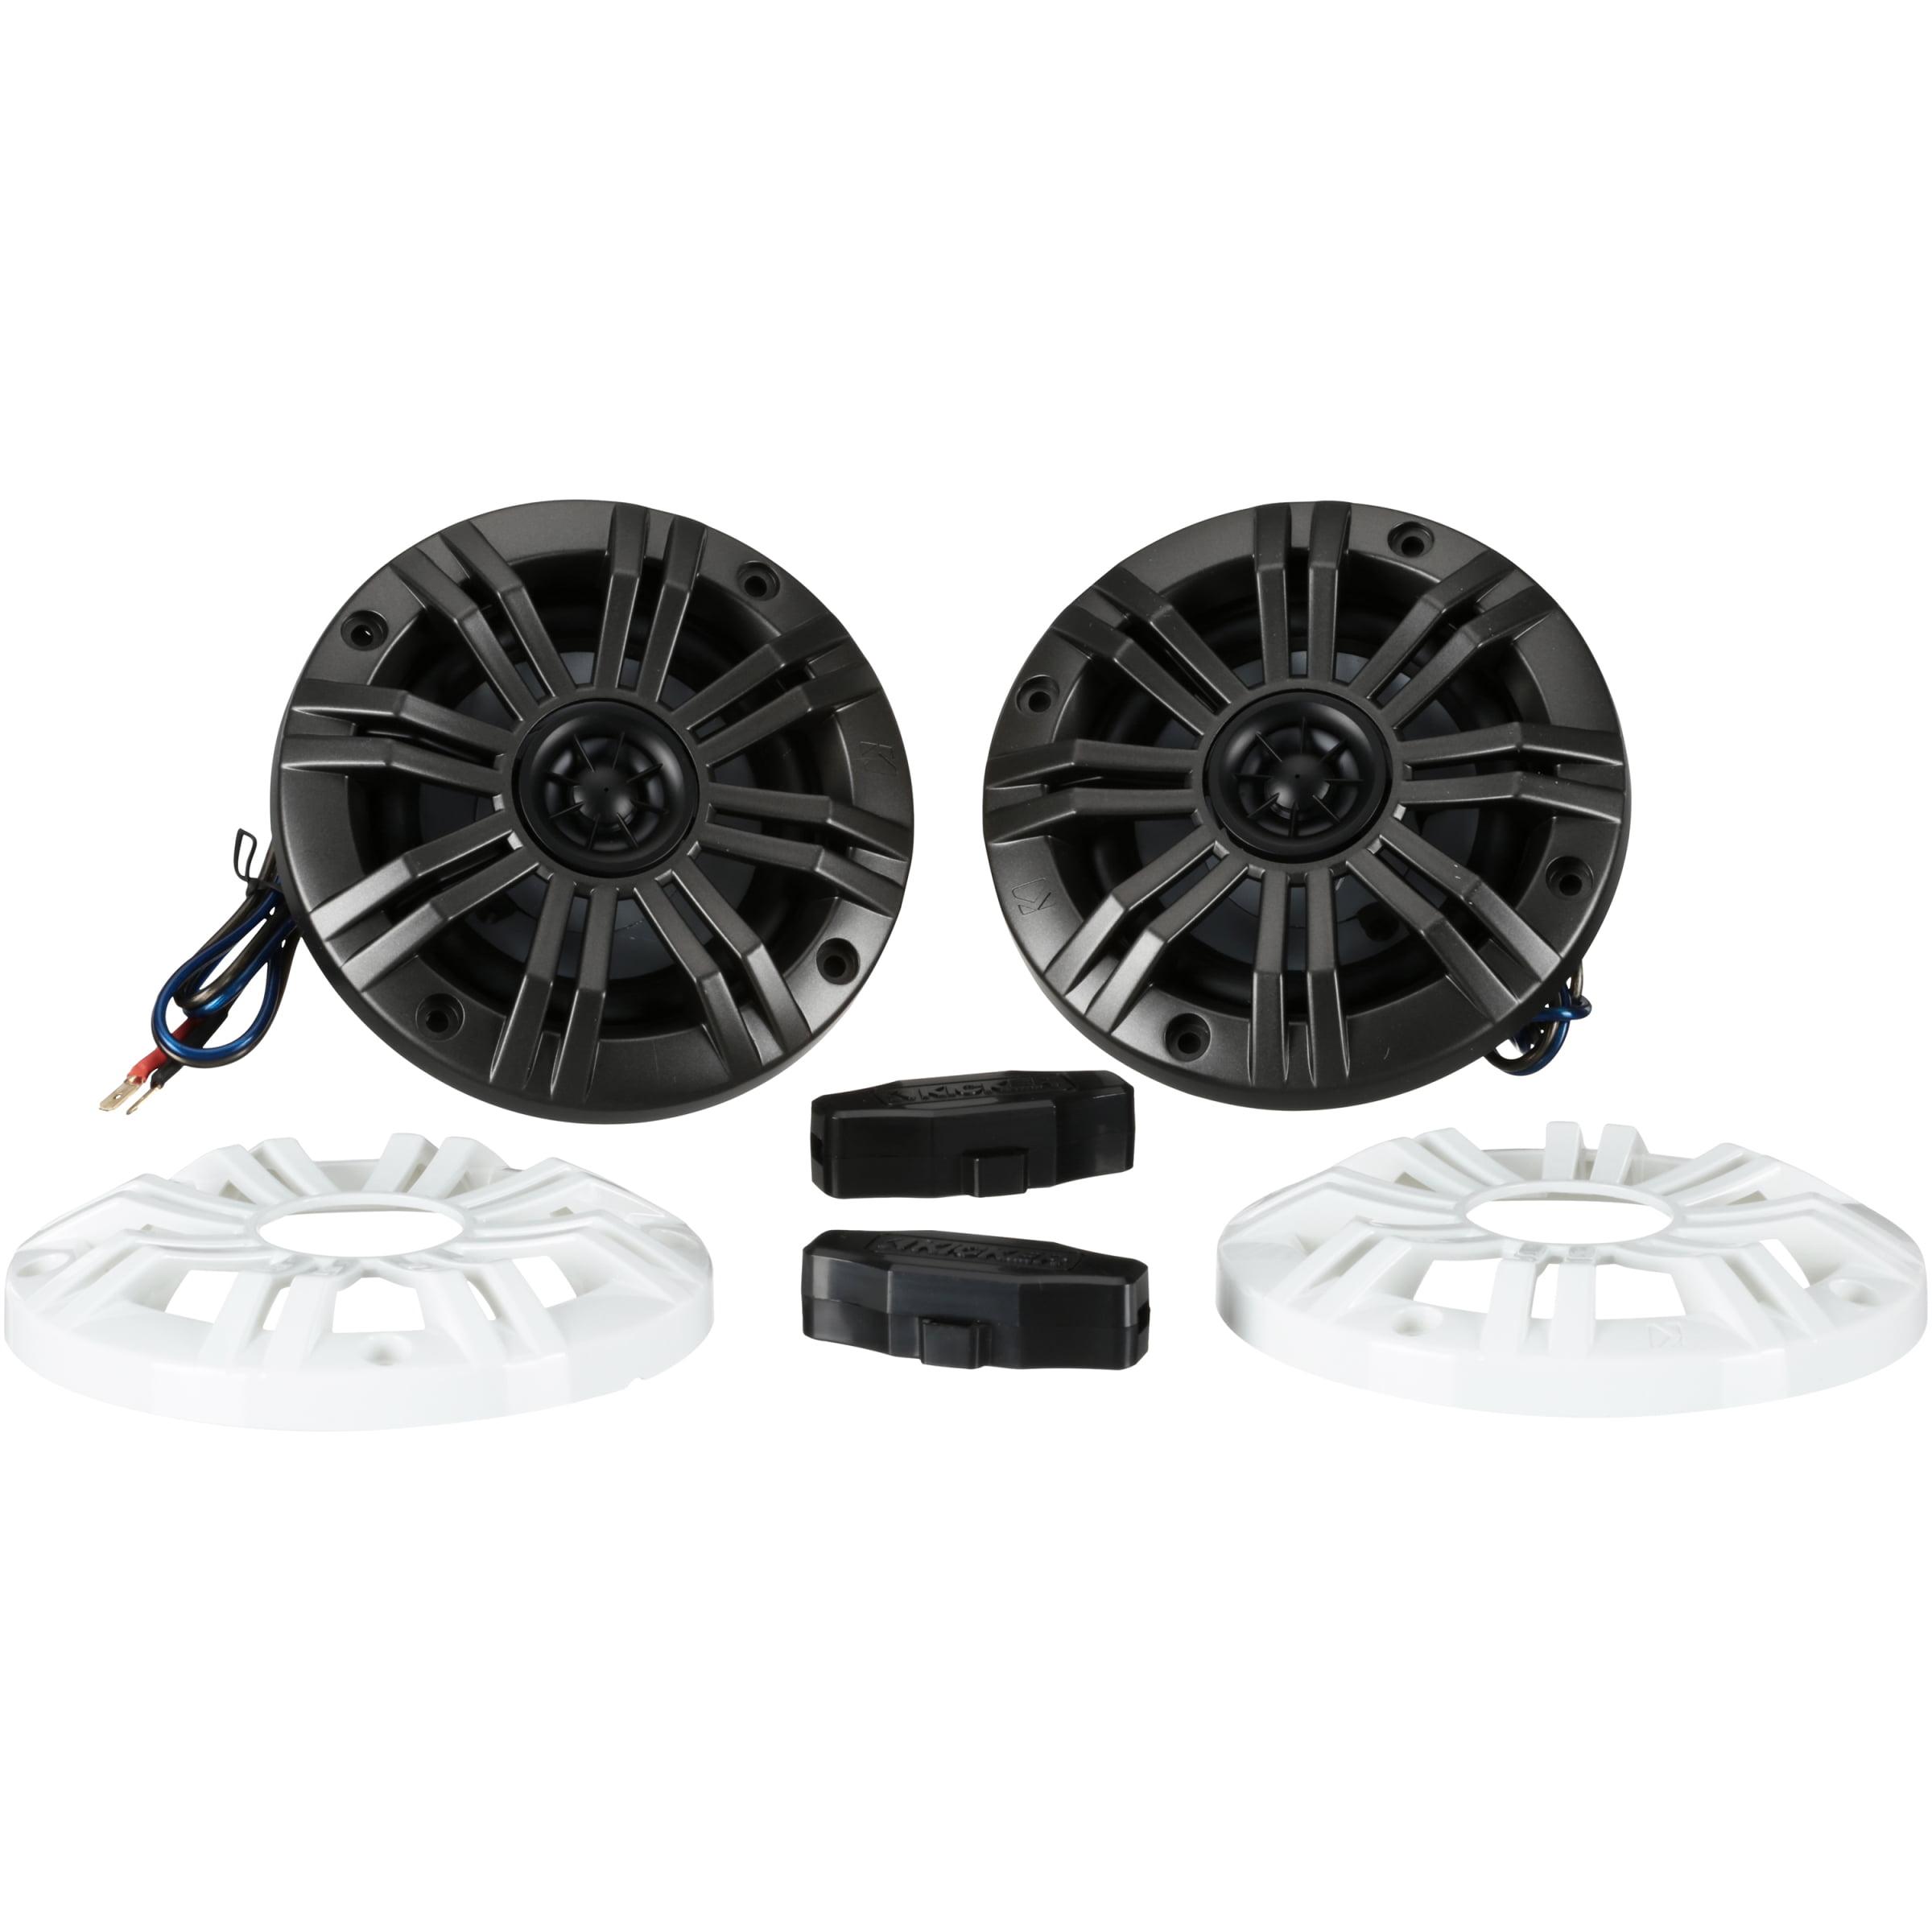 Kicker® KM4 Coaxial Speakers